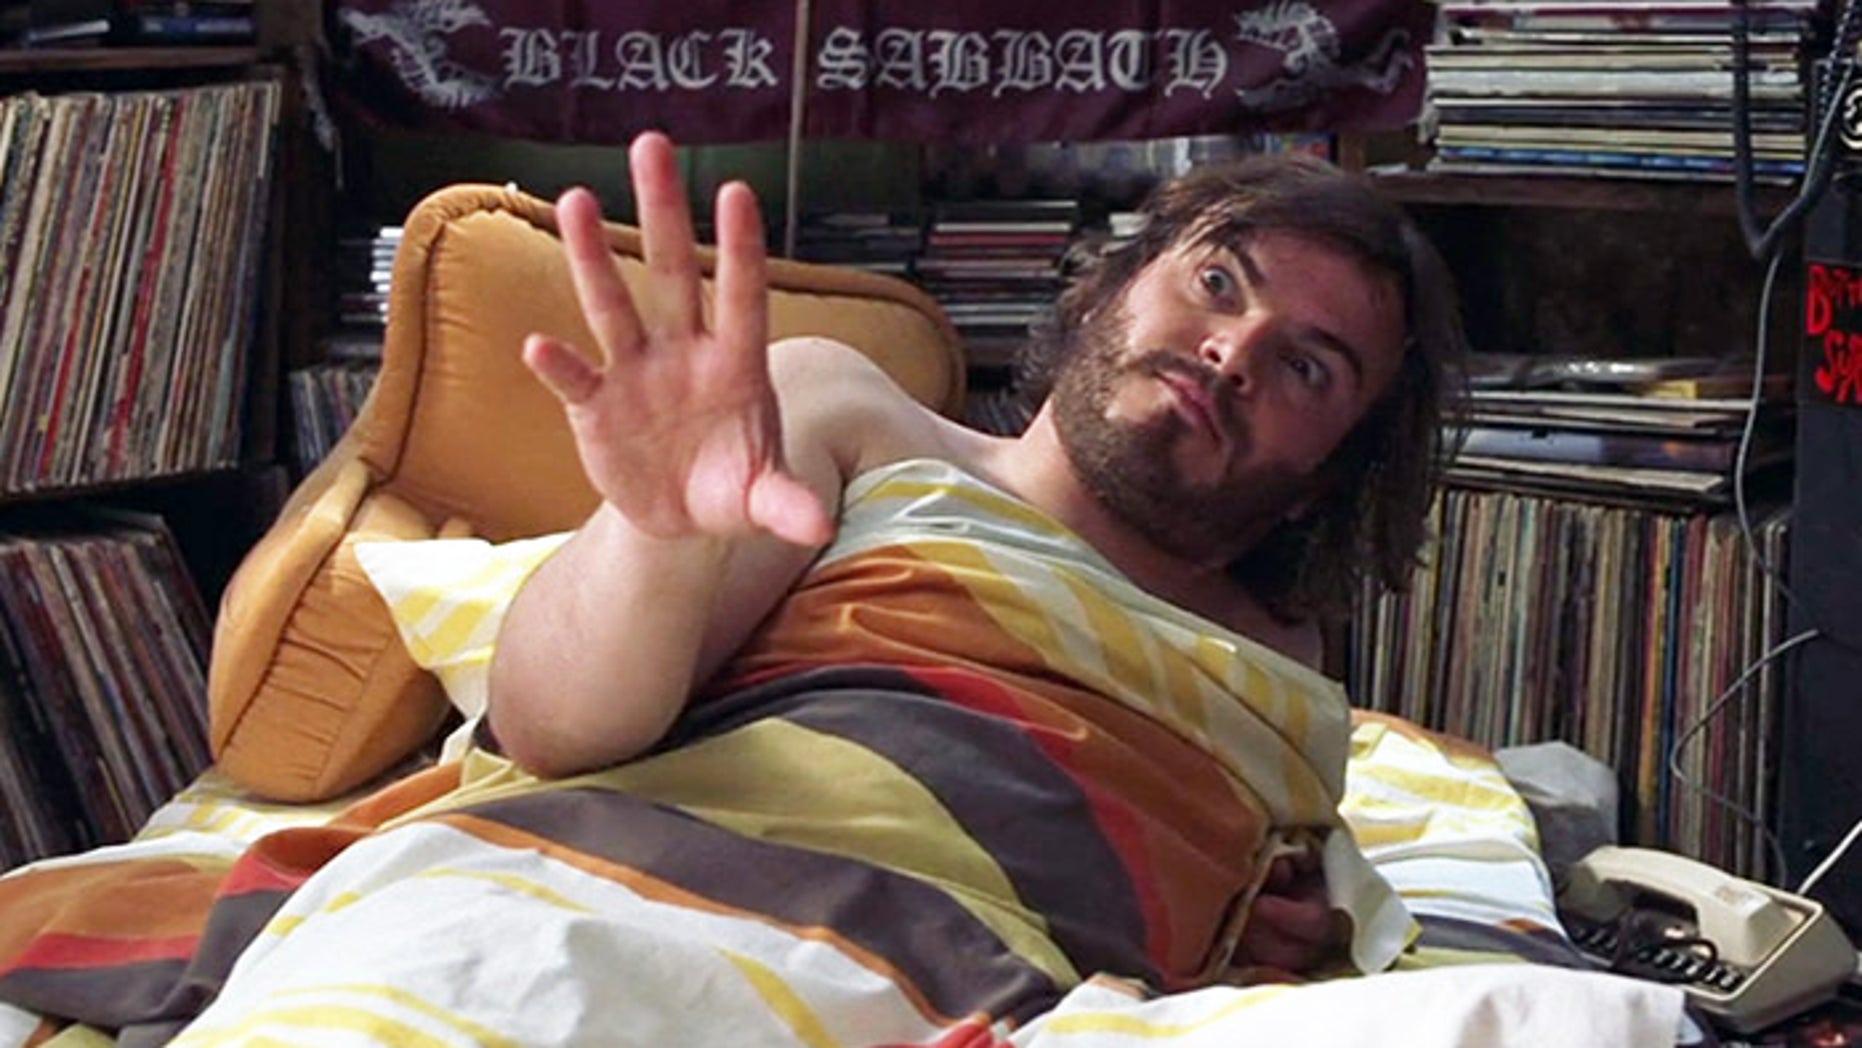 Bad roommate Jack Black